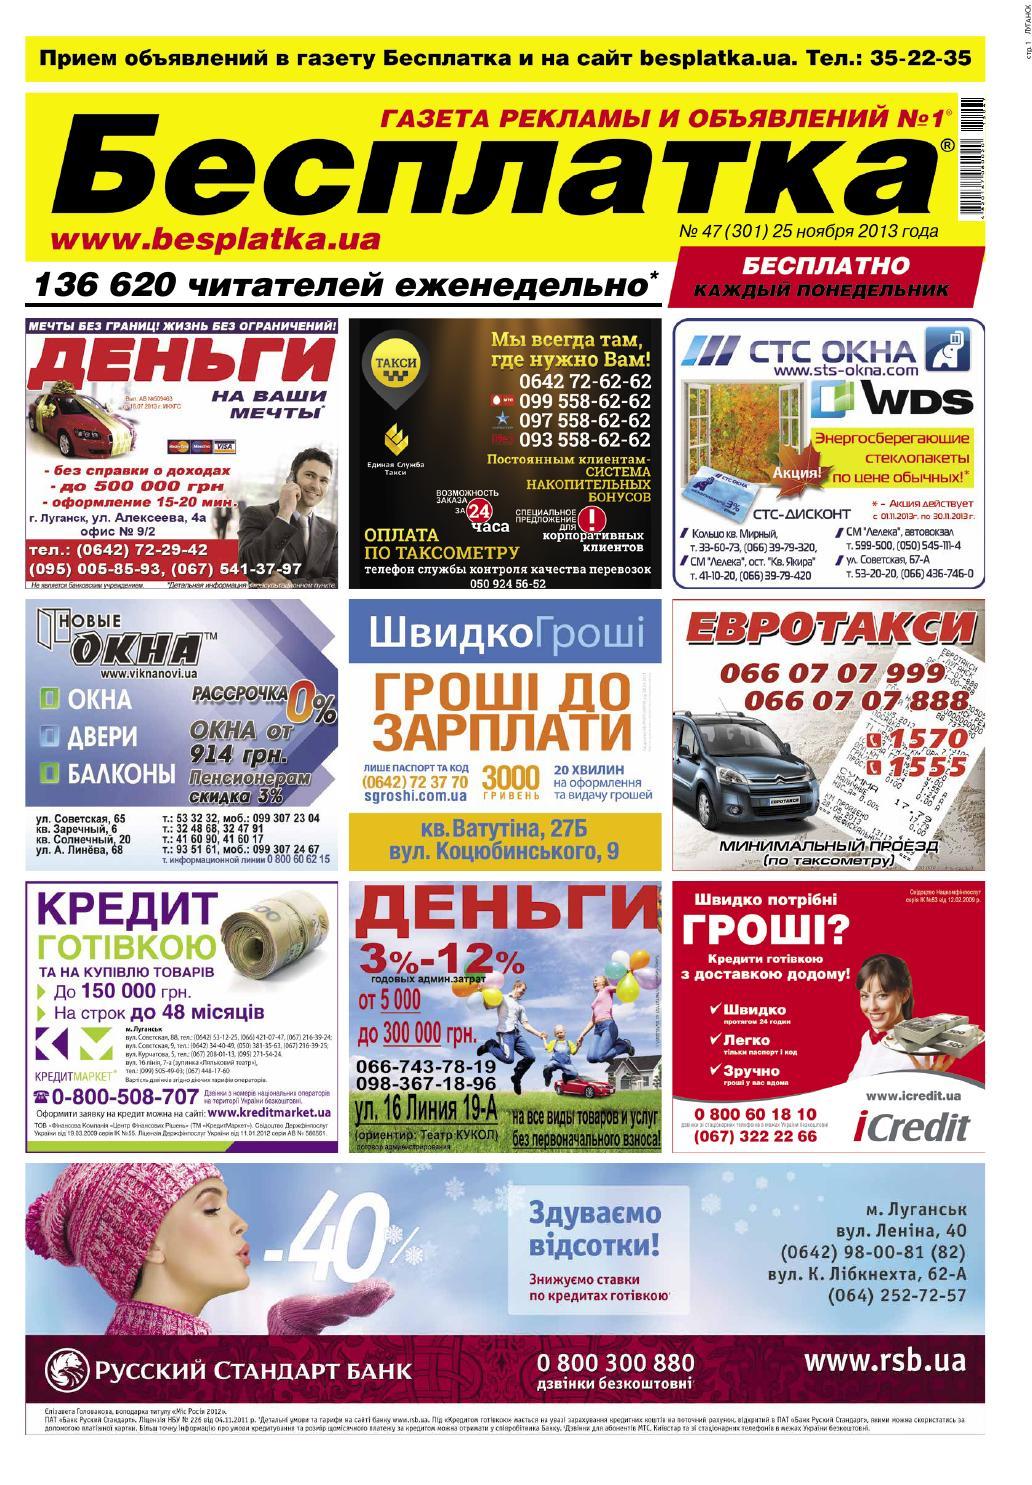 4d6b3bcf Besplatka lugansk 25 11 2013 by besplatka ukraine - issuu